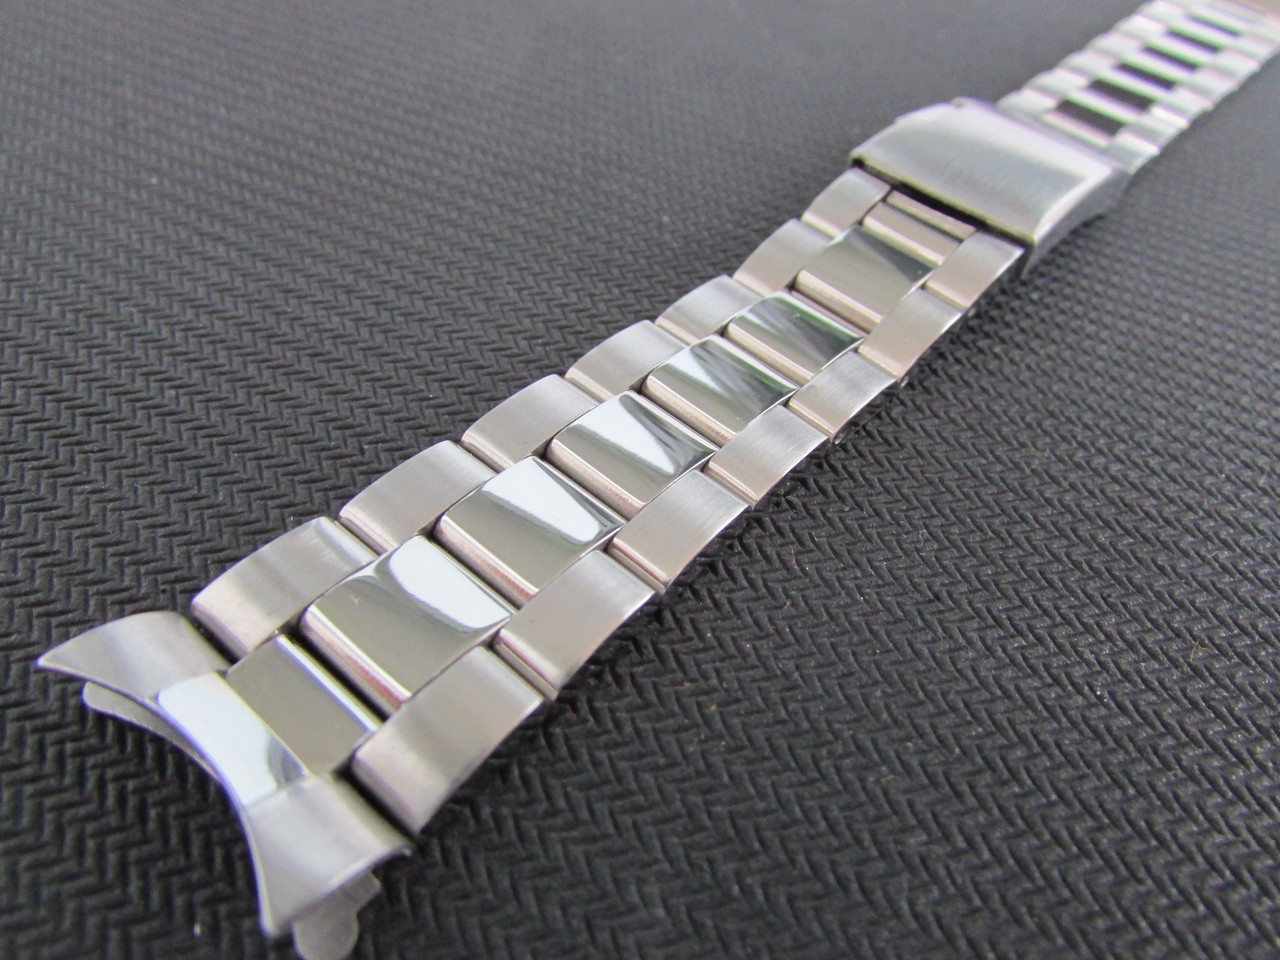 Браслет для часов из нержавеющей стали 316L, литой, заокругленное окончание, мат/глянец. 22 мм